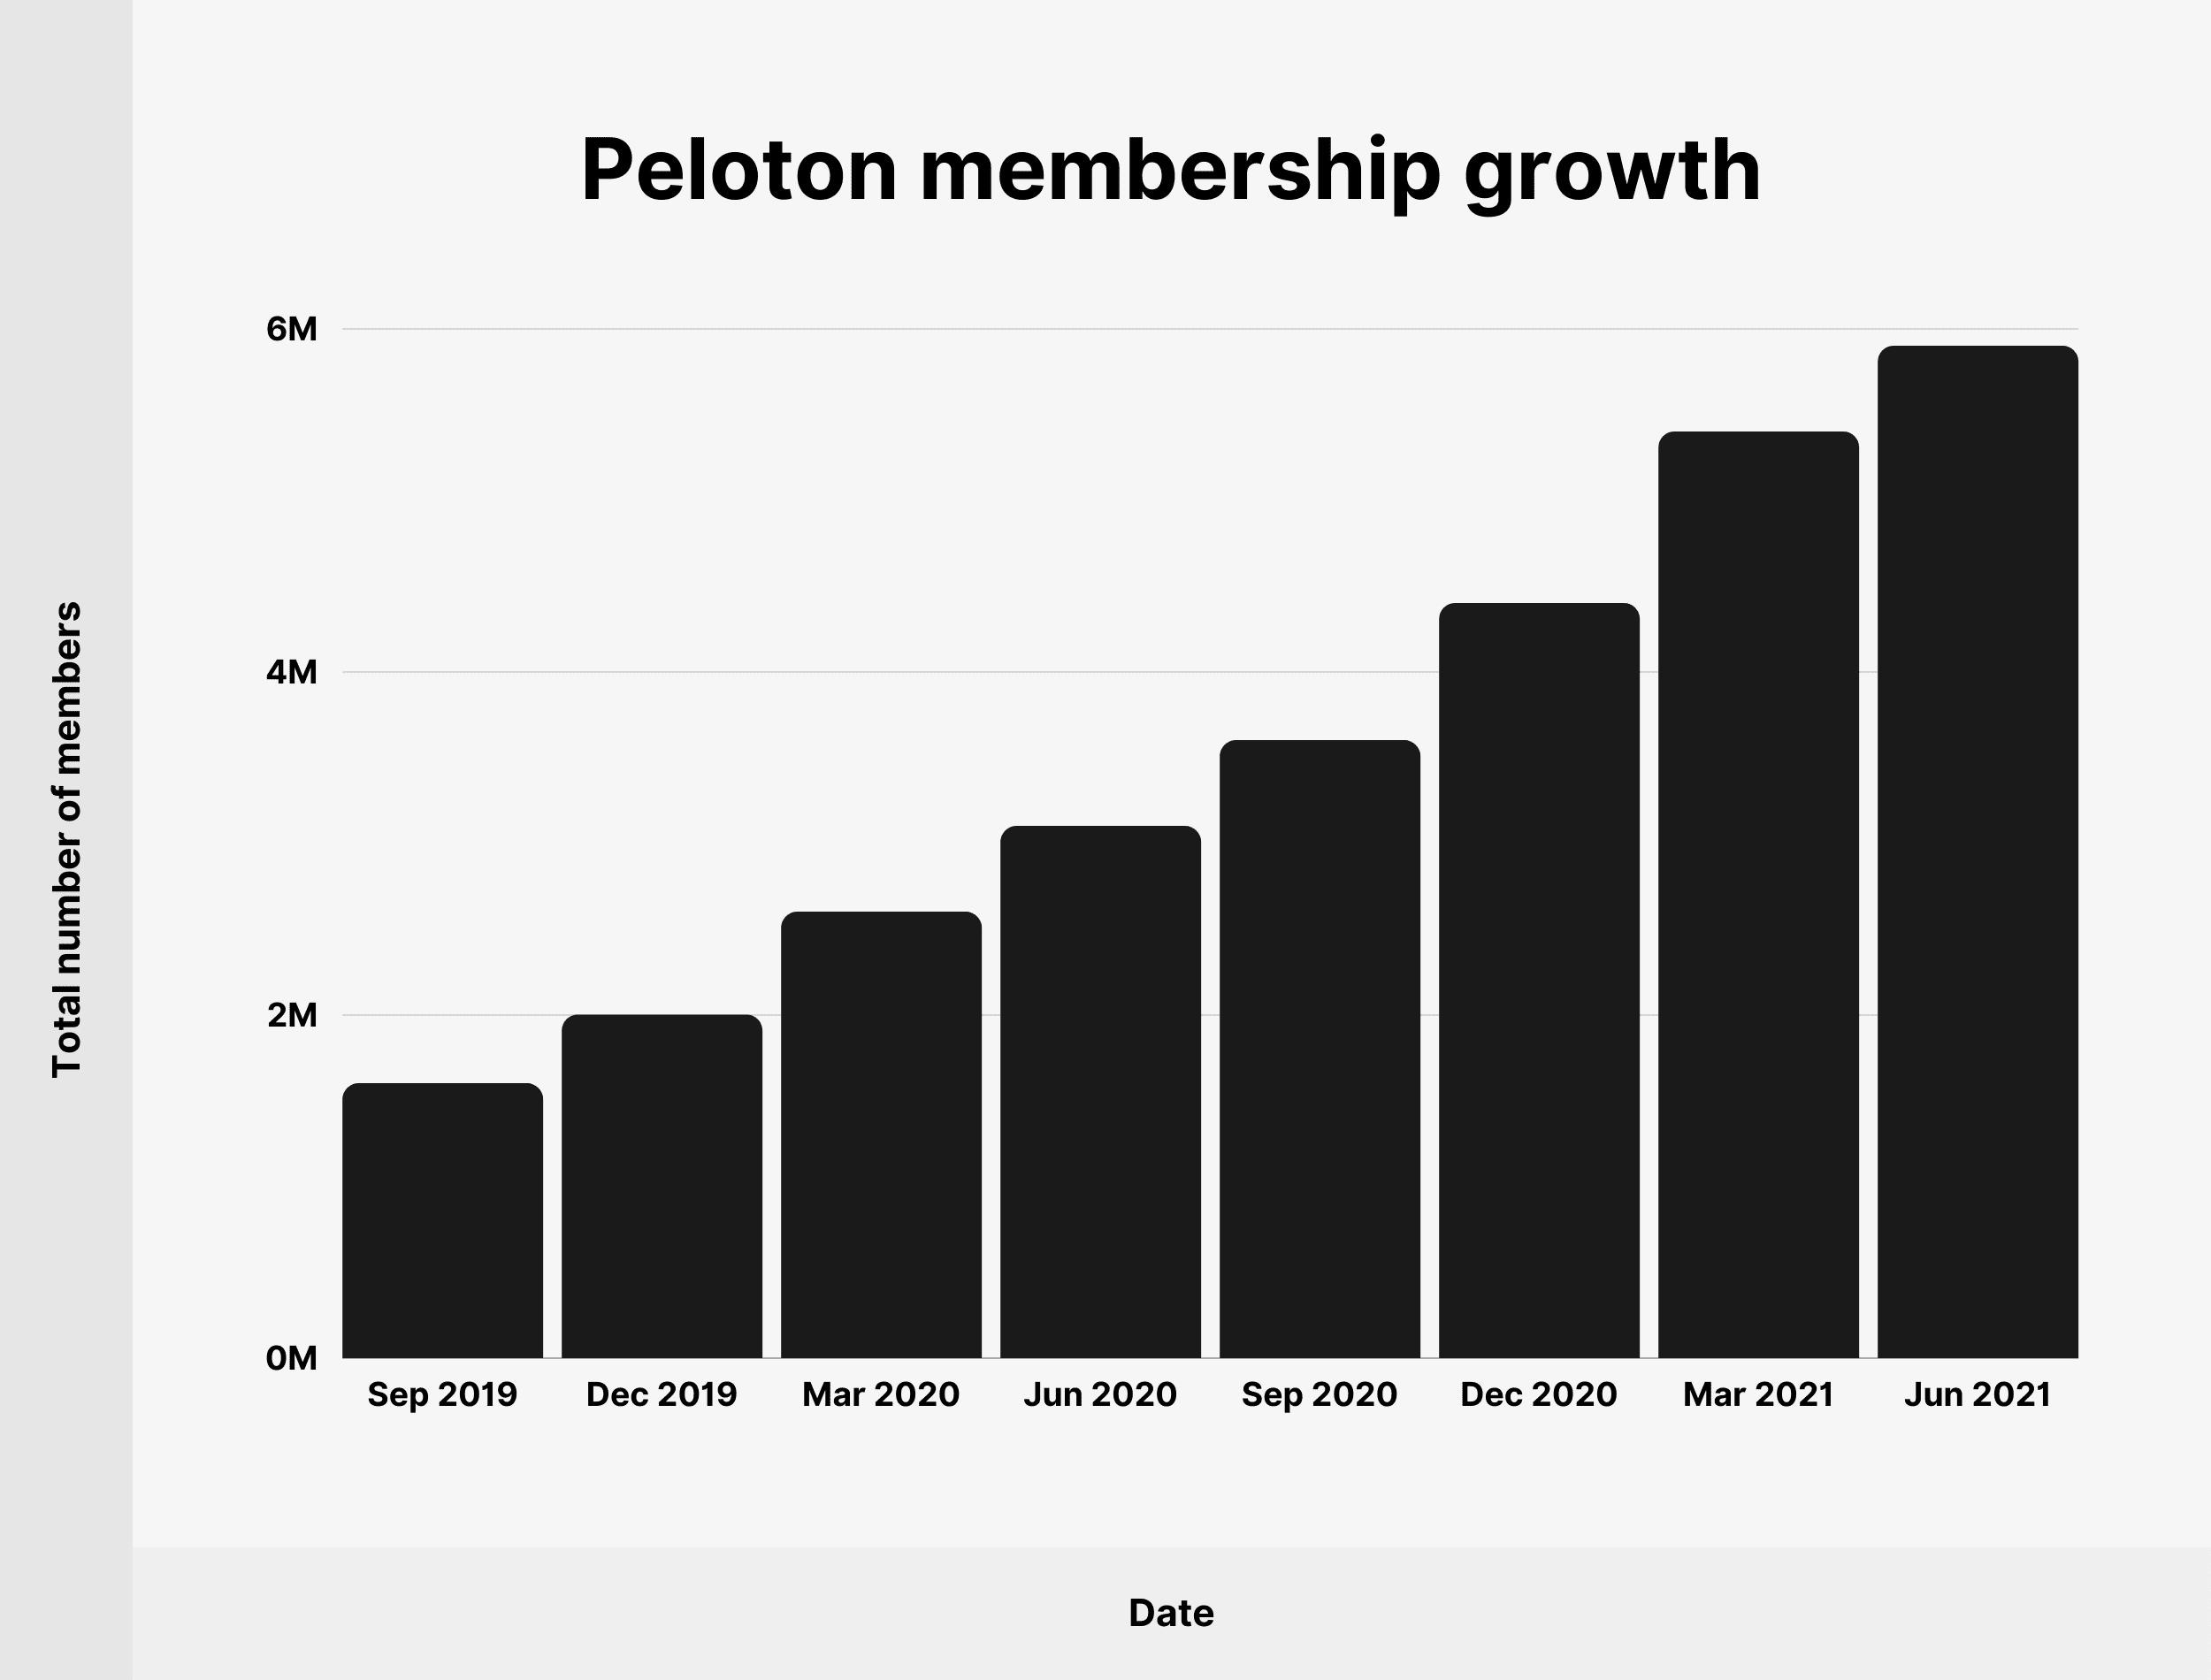 Peloton membership growth